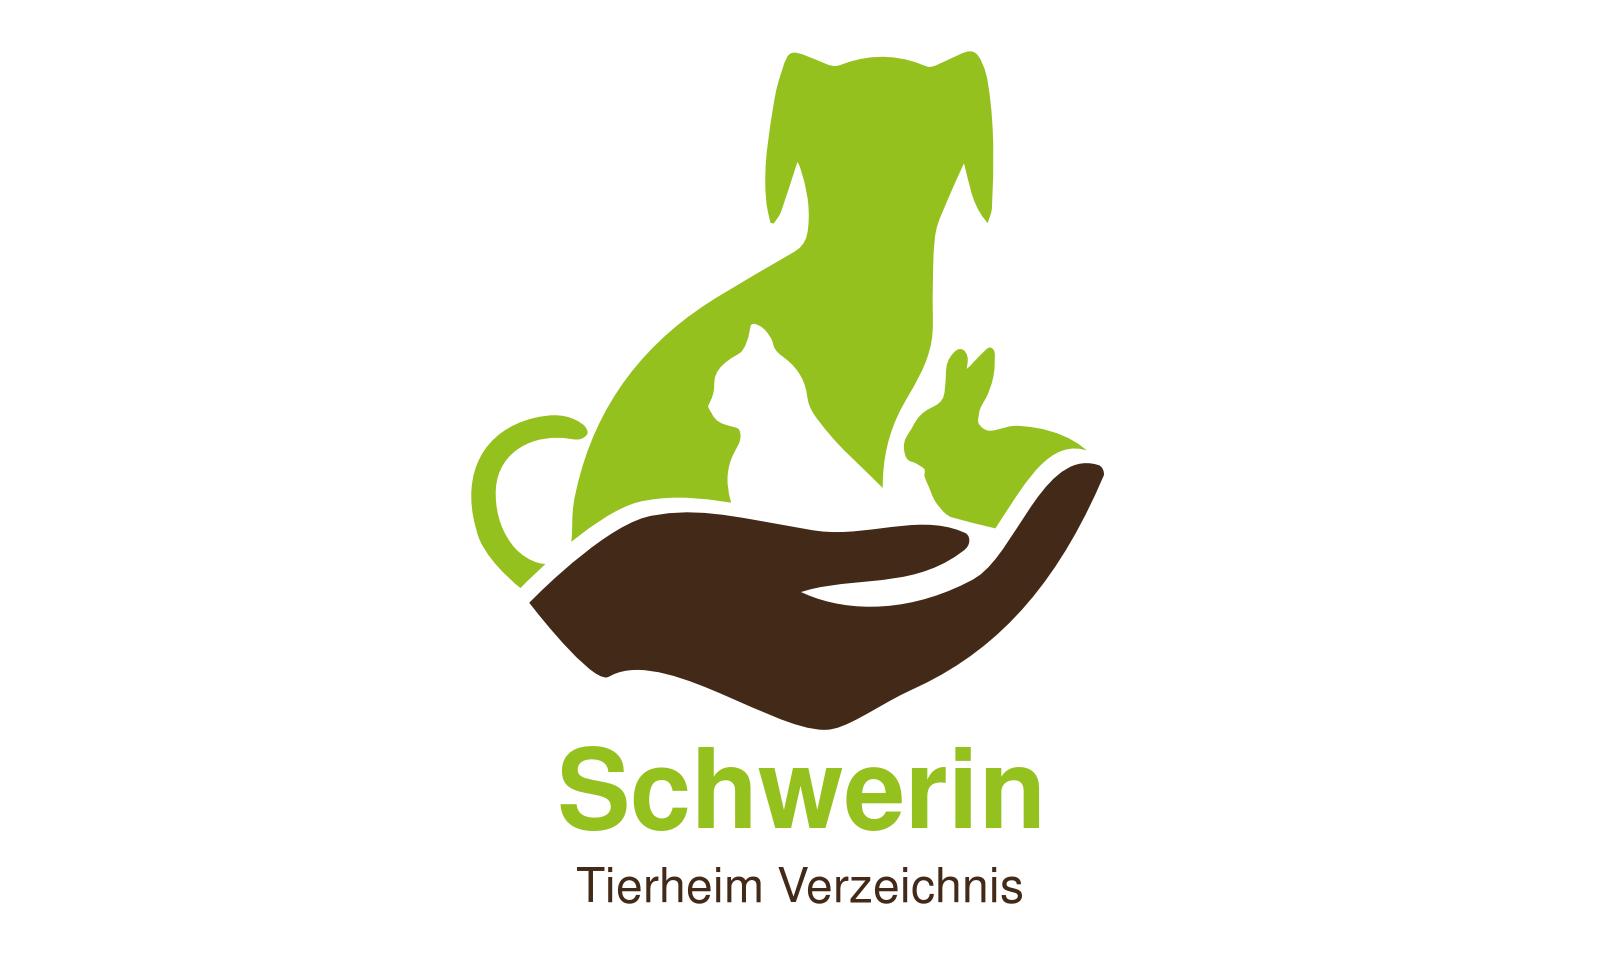 Tierheim Schwerin